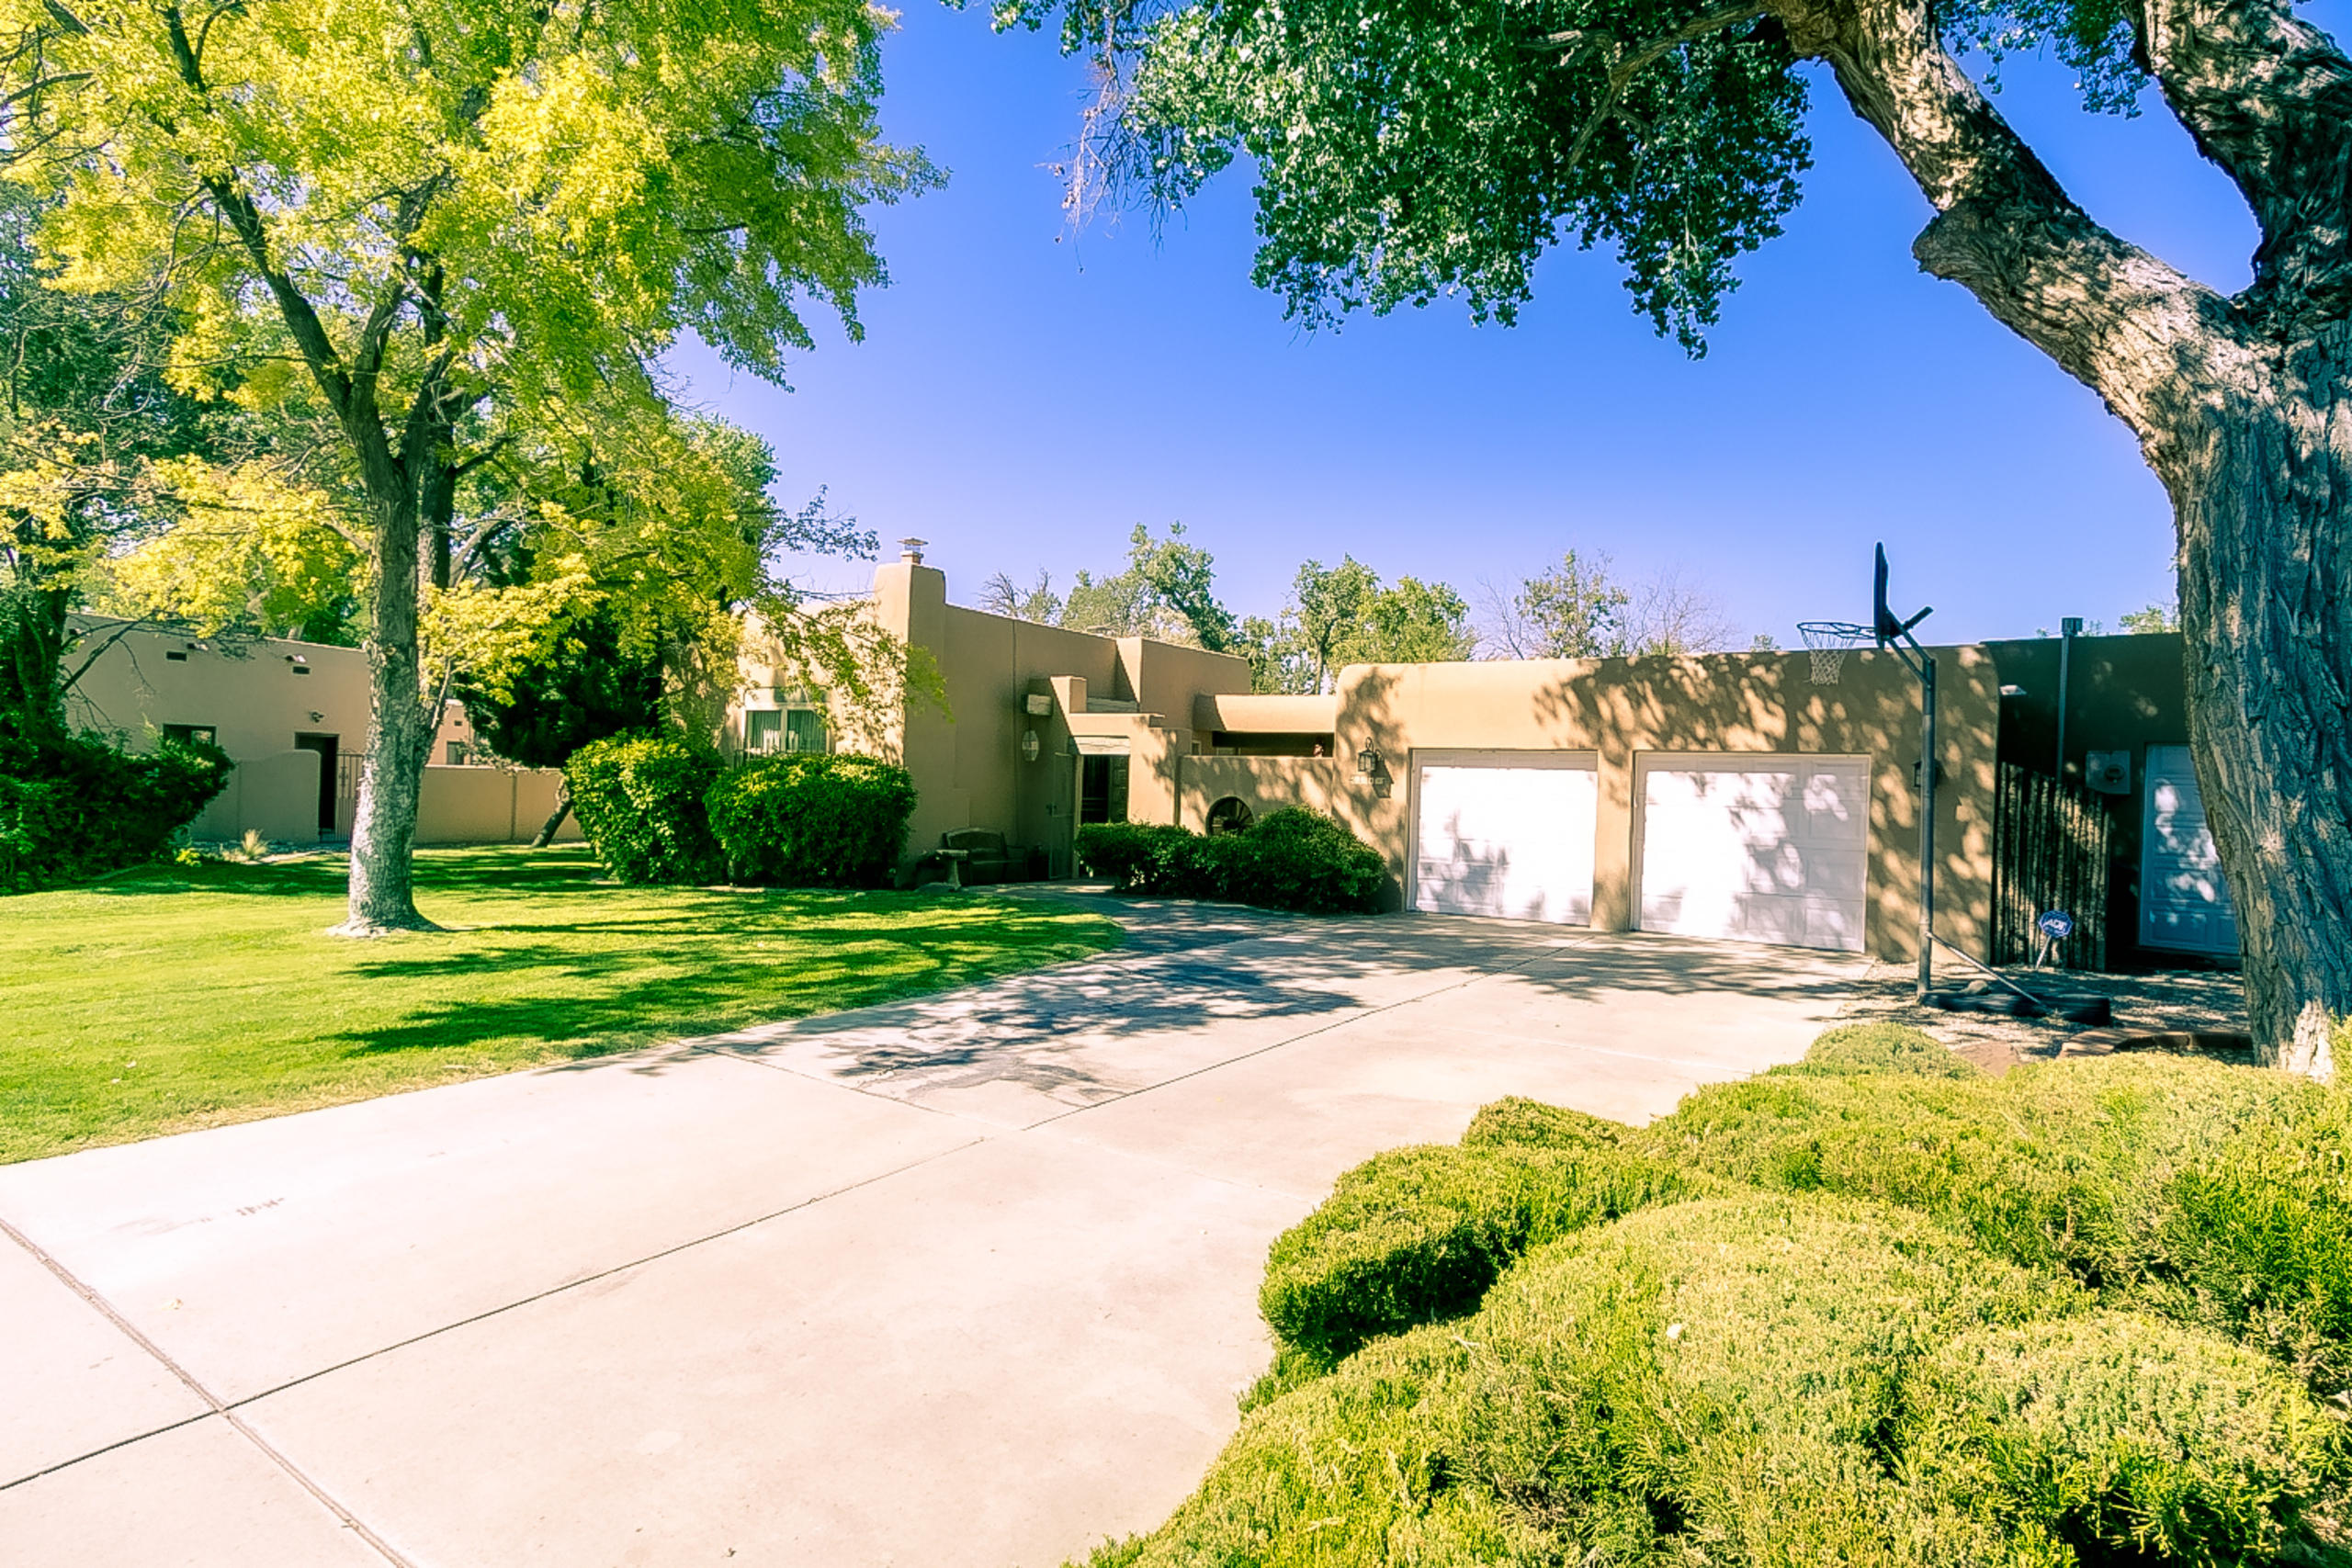 3243 CALLE DE DEBORAH NW Property Photo - Albuquerque, NM real estate listing